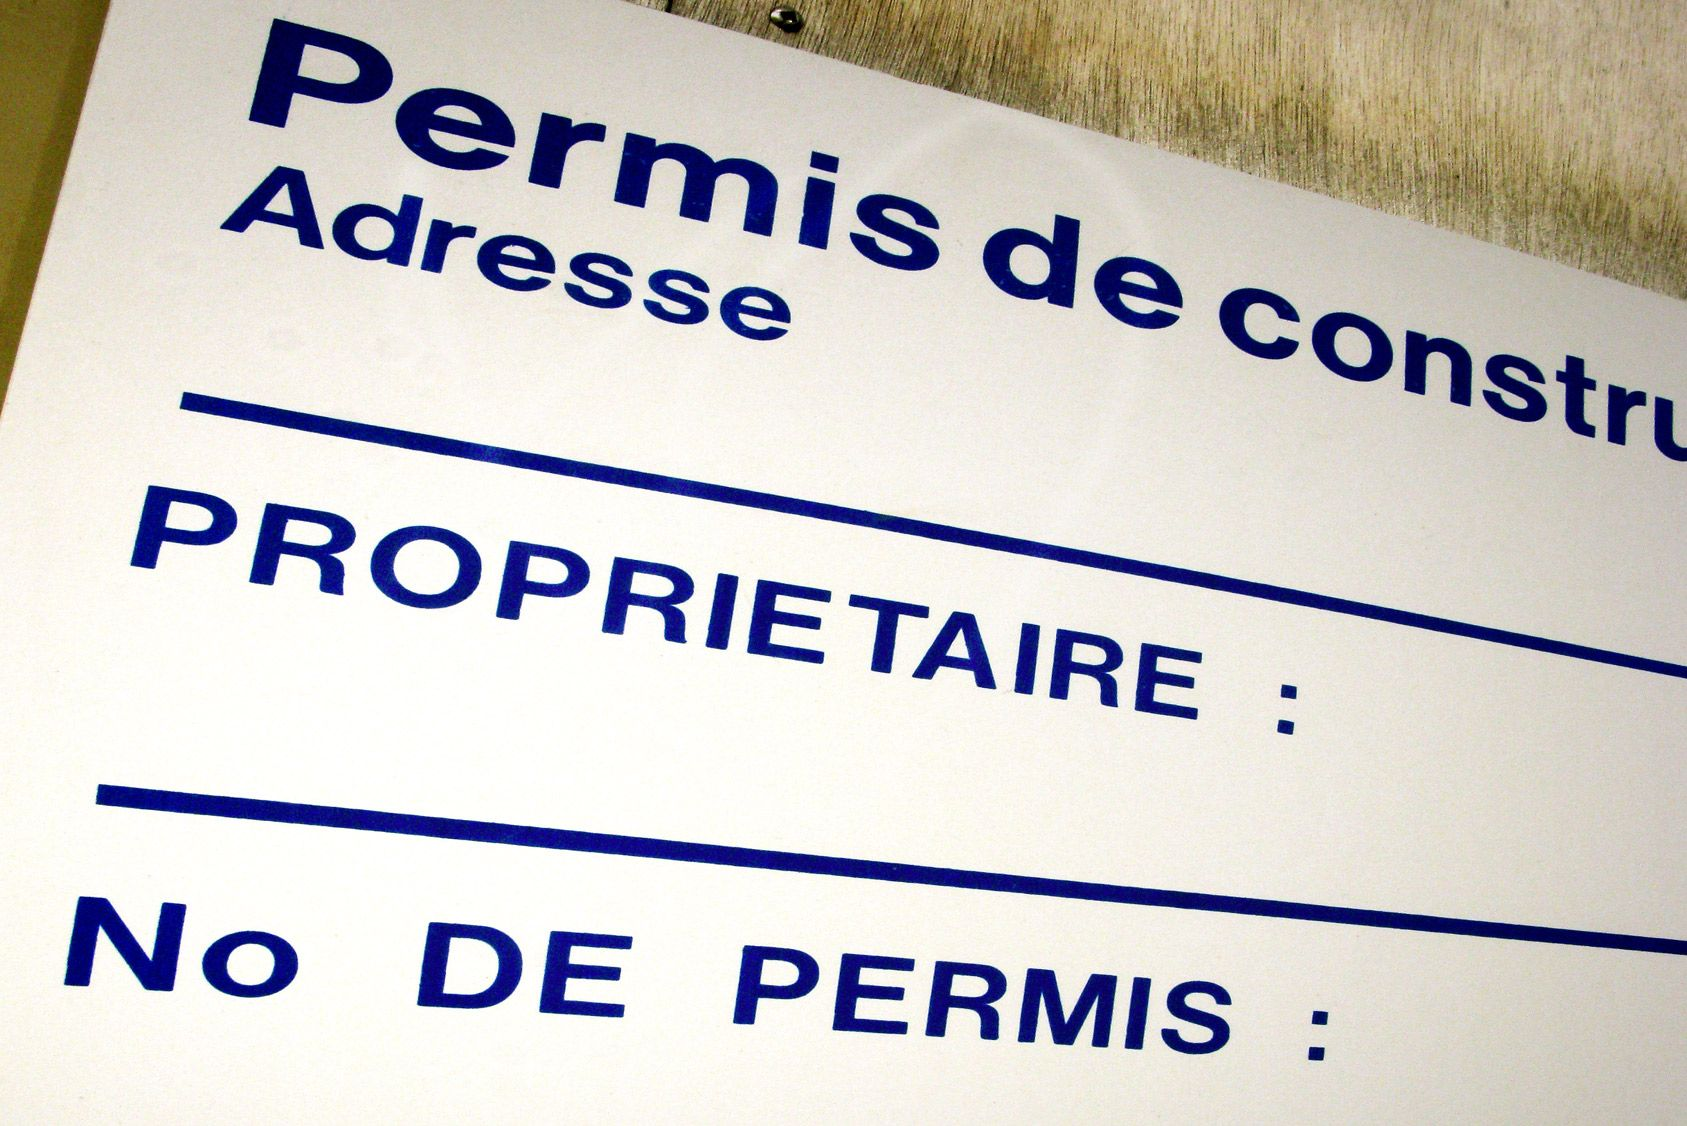 La mention de la date d'affichage en mairie sur le panneau du permis de construire disparaît